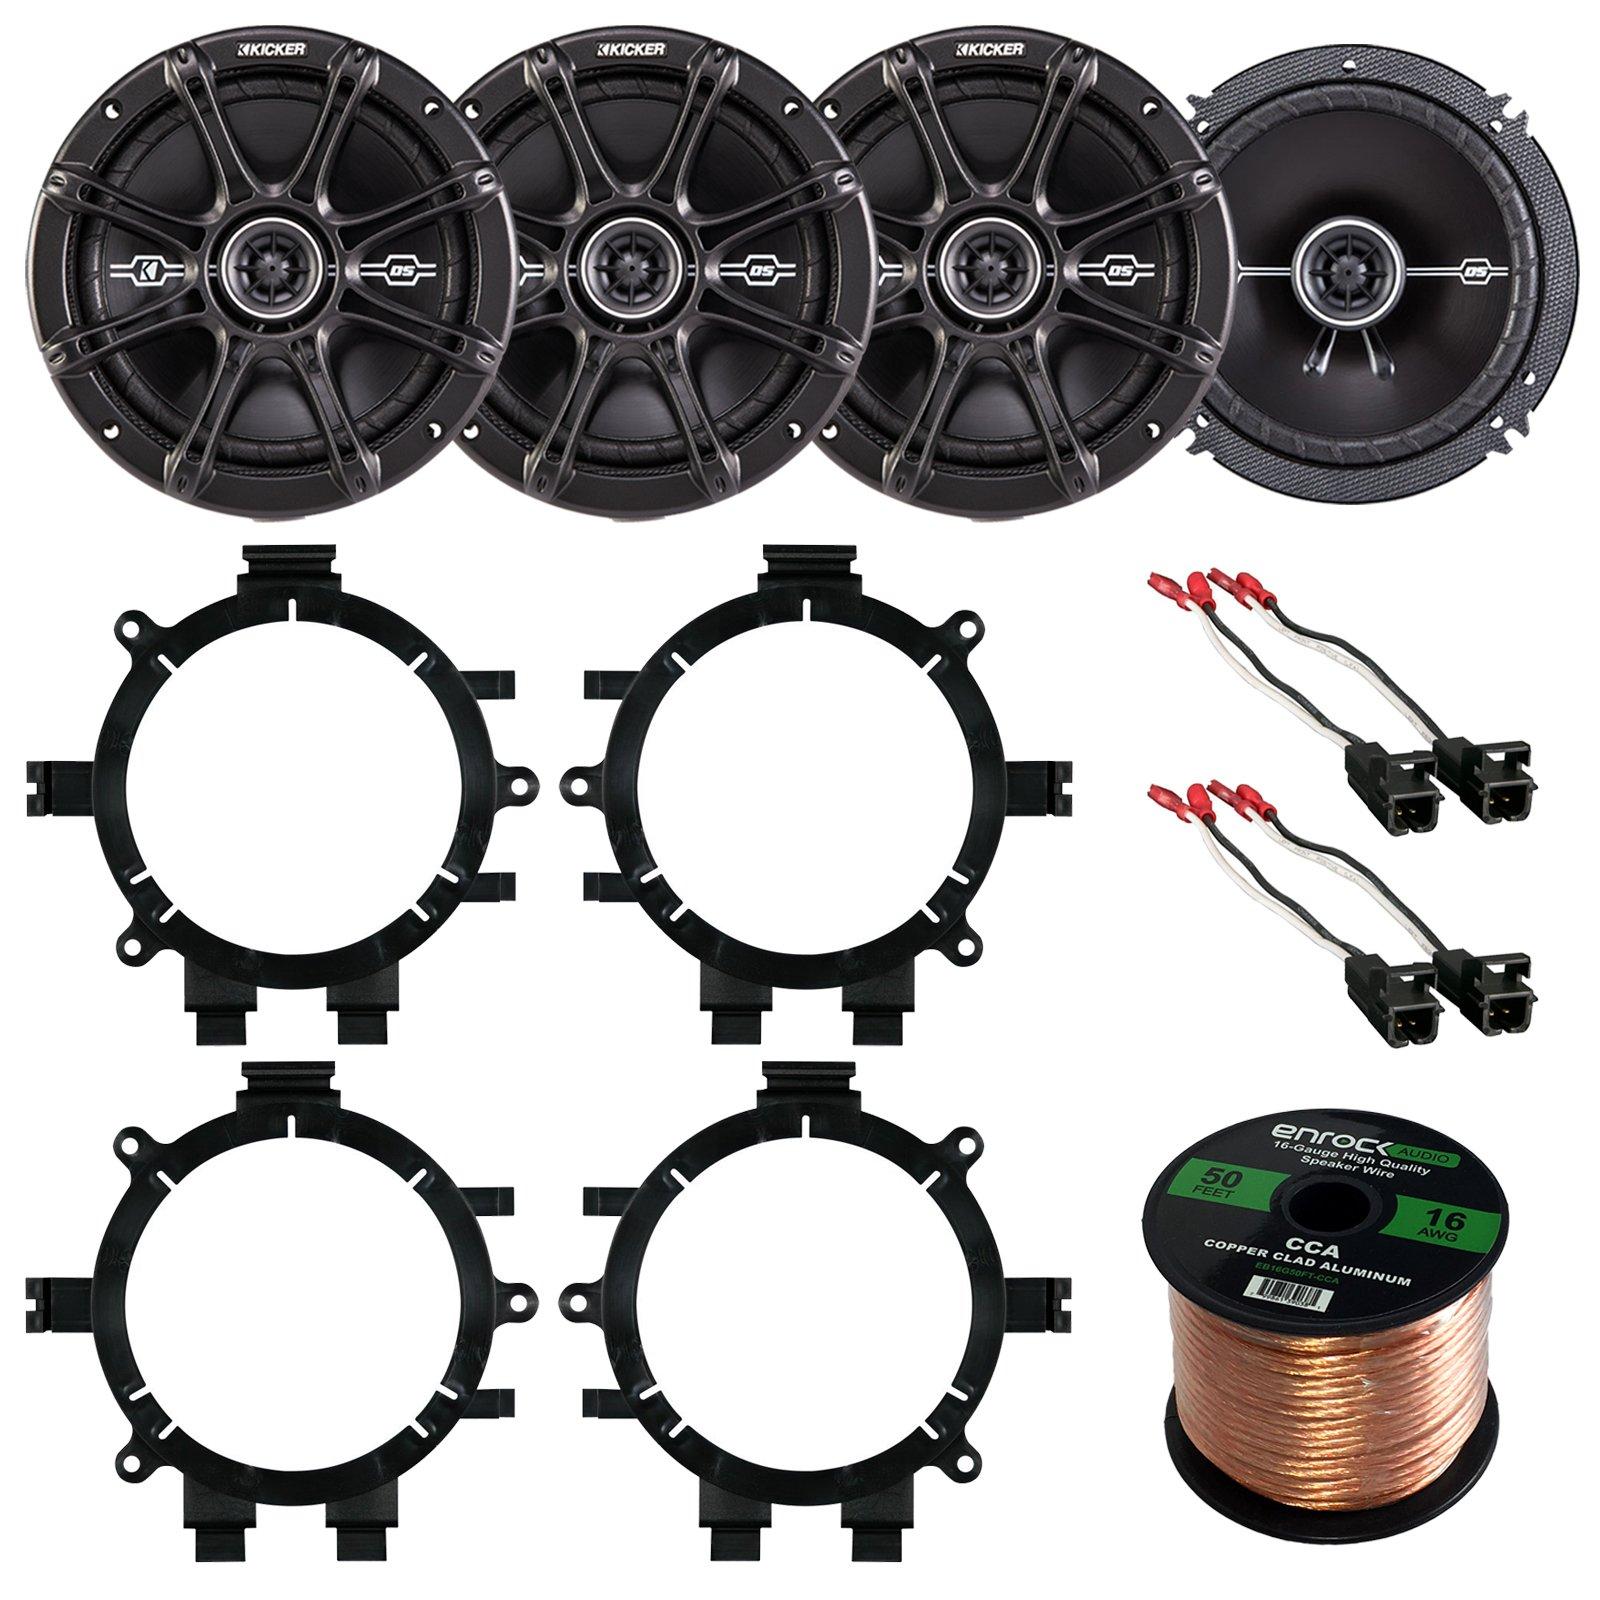 Car Speaker Bundle Combo: 2 Pairs of Kicker 43DSC6504 6.5'' Inch 480 Watts 2-Way D-Series Black Car Stereo Coaxial Speaker W/ Adapter Brackets + Wiring Harness + Enrock 50 Foot 16 Gauge Speaker Wire